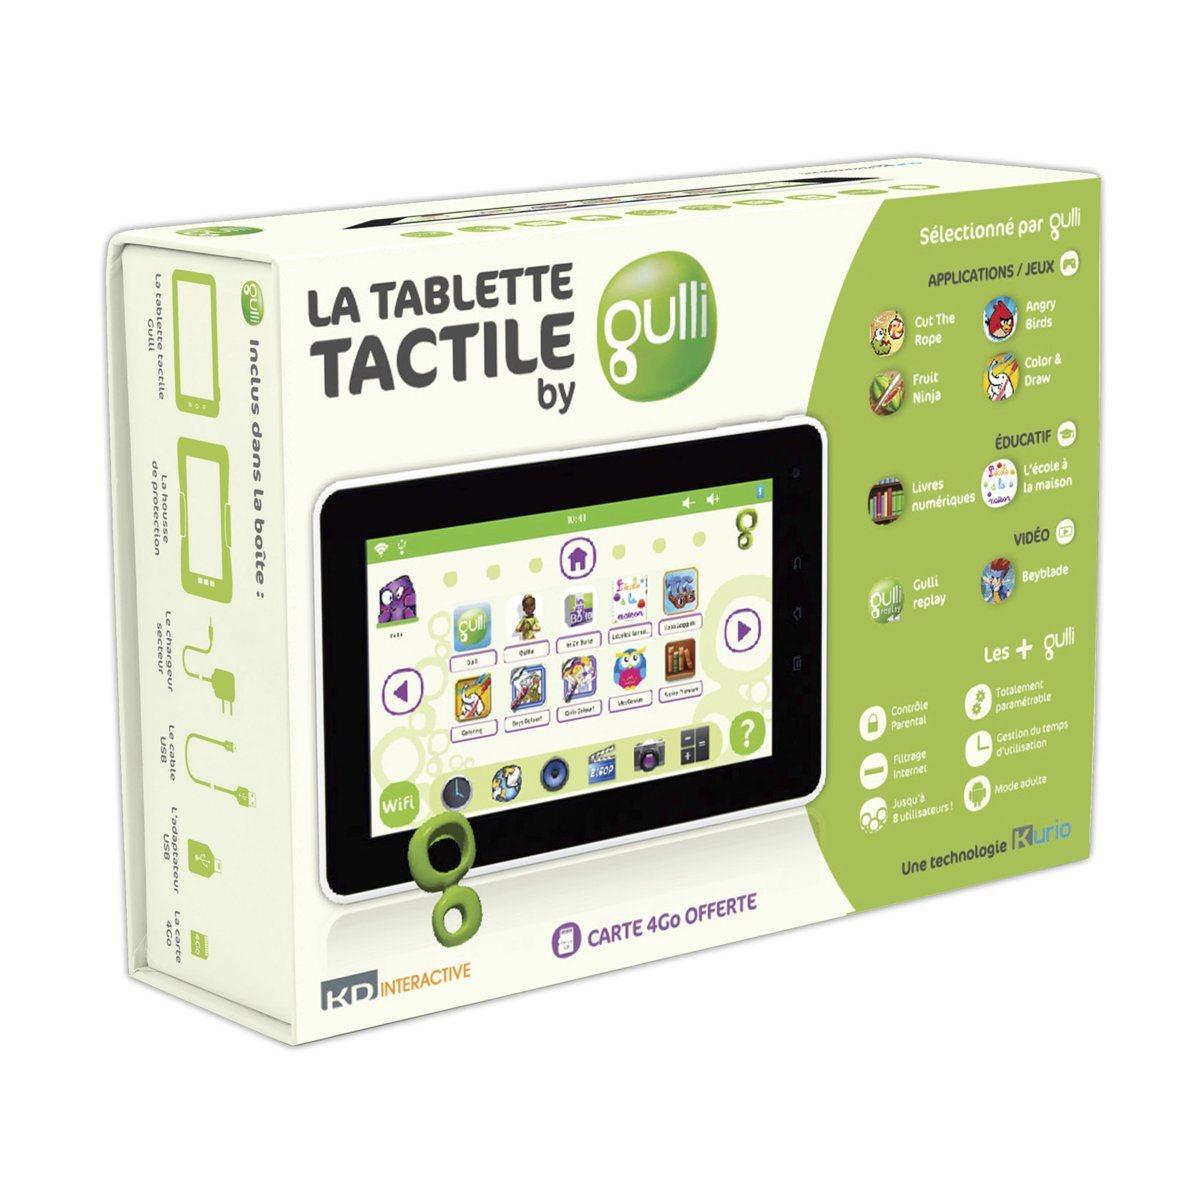 La tablette tactile by Gulli est officielle et disponible à l'achat !